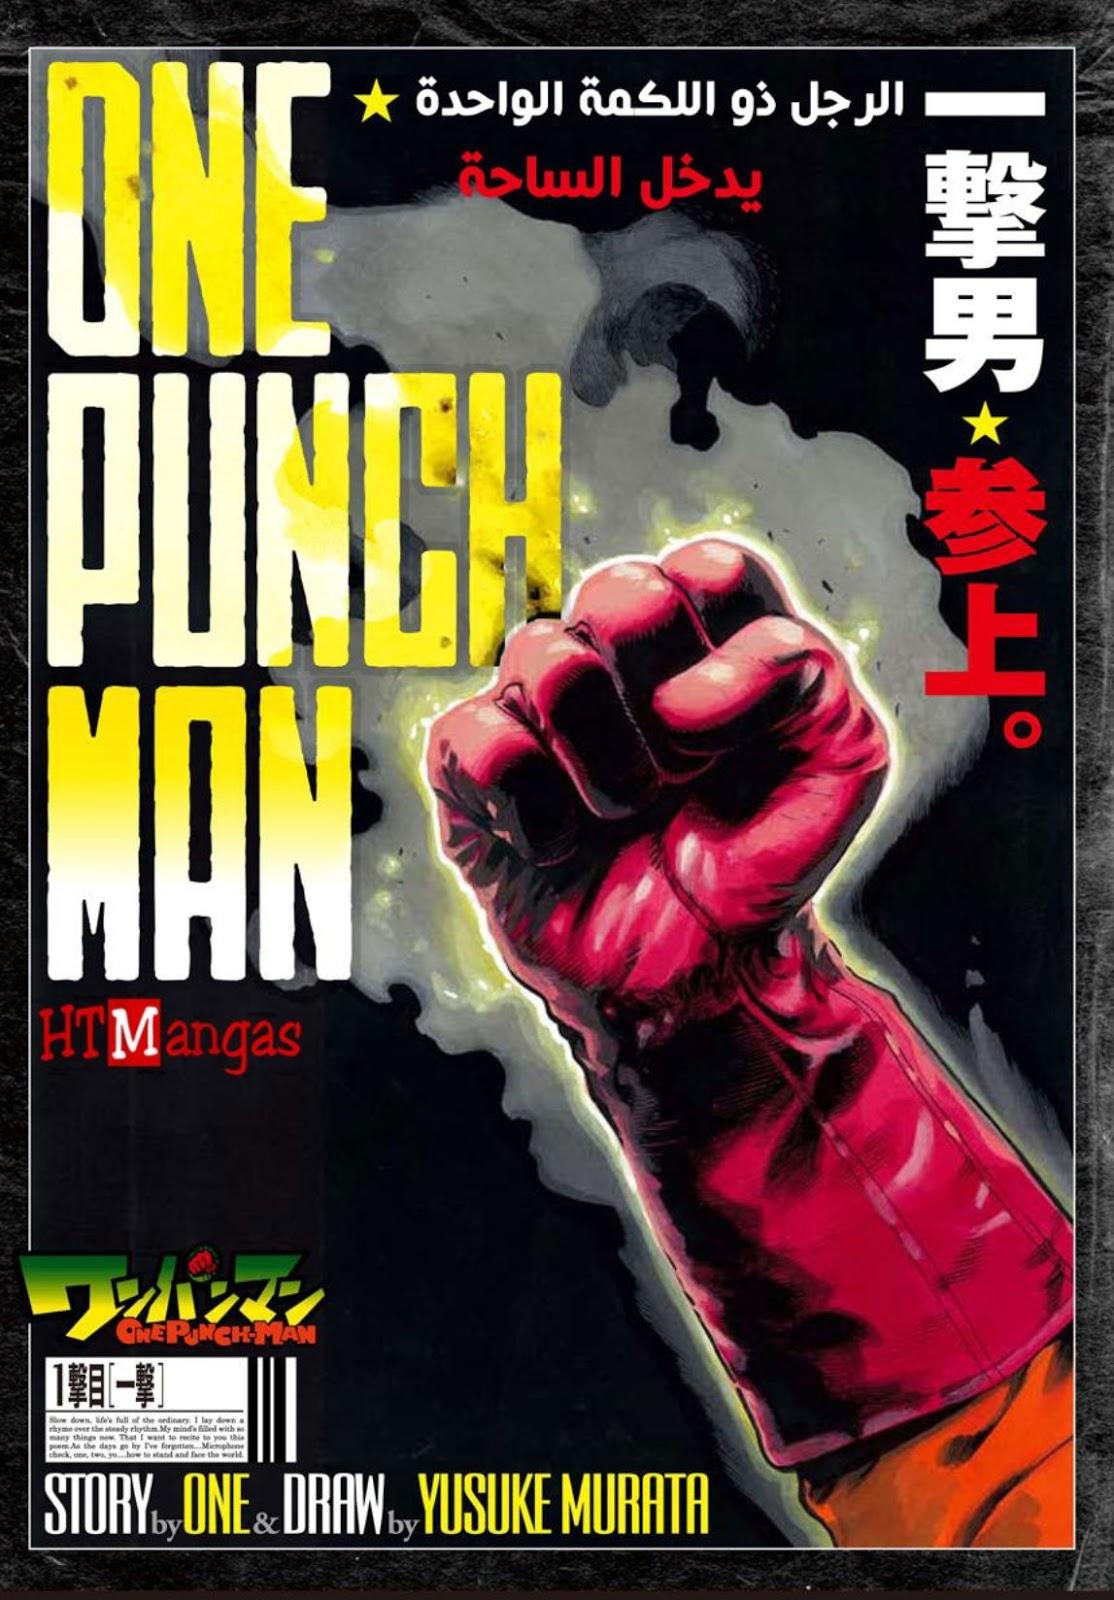 مانجا ون بنش مان - One punch man - الحلقة الأولى 1